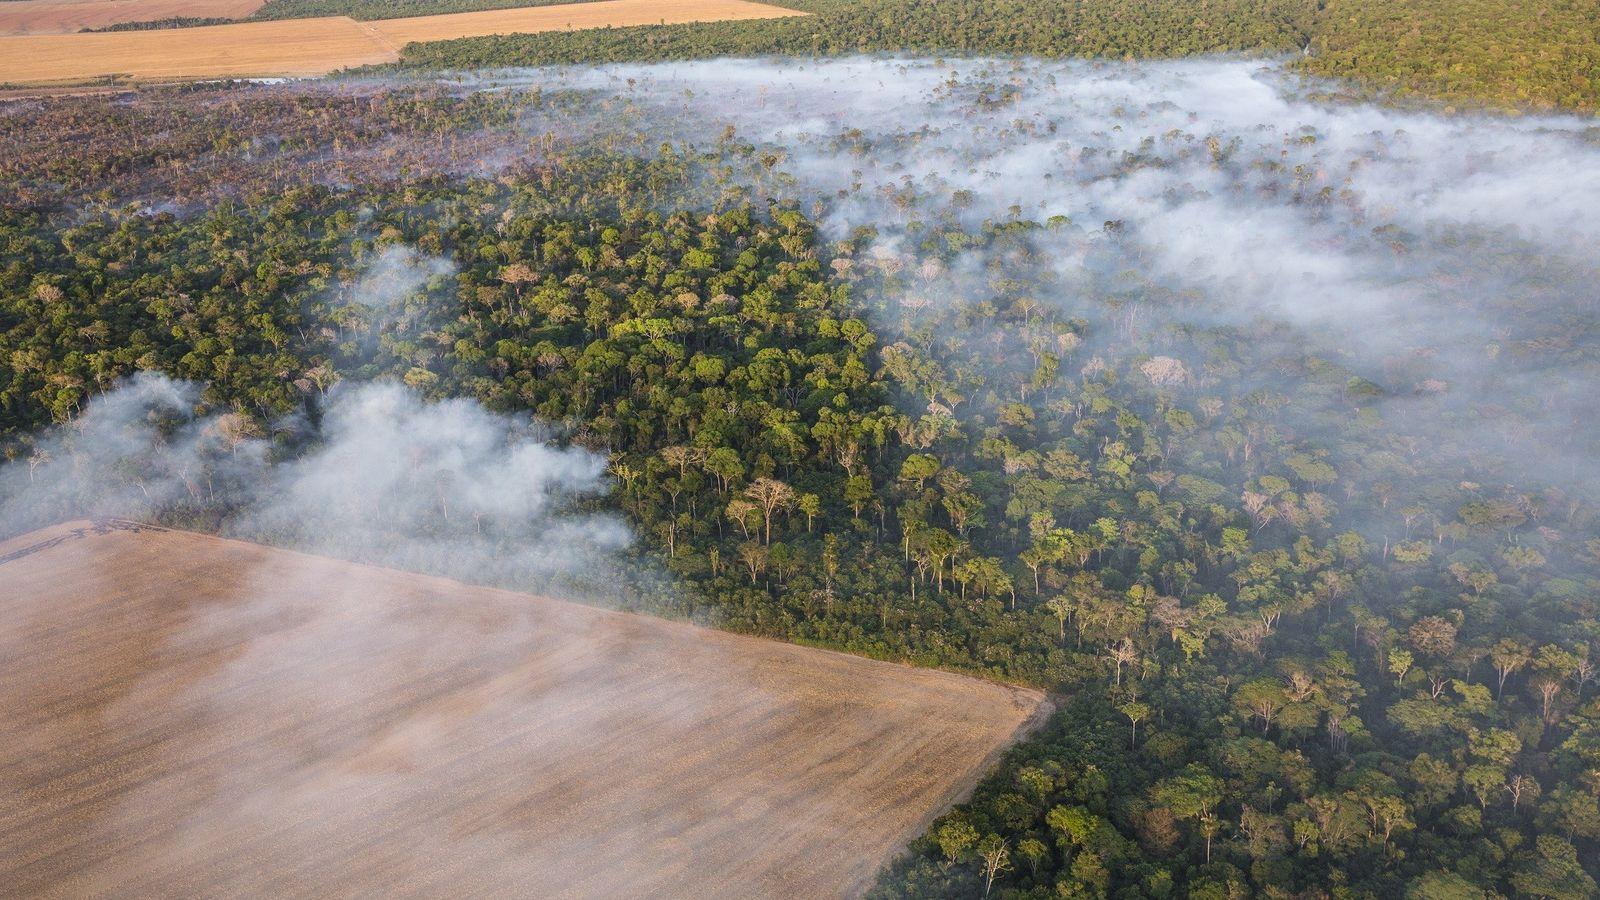 Sojafelder im brasilianischen Bundesstaat Mato Grasso